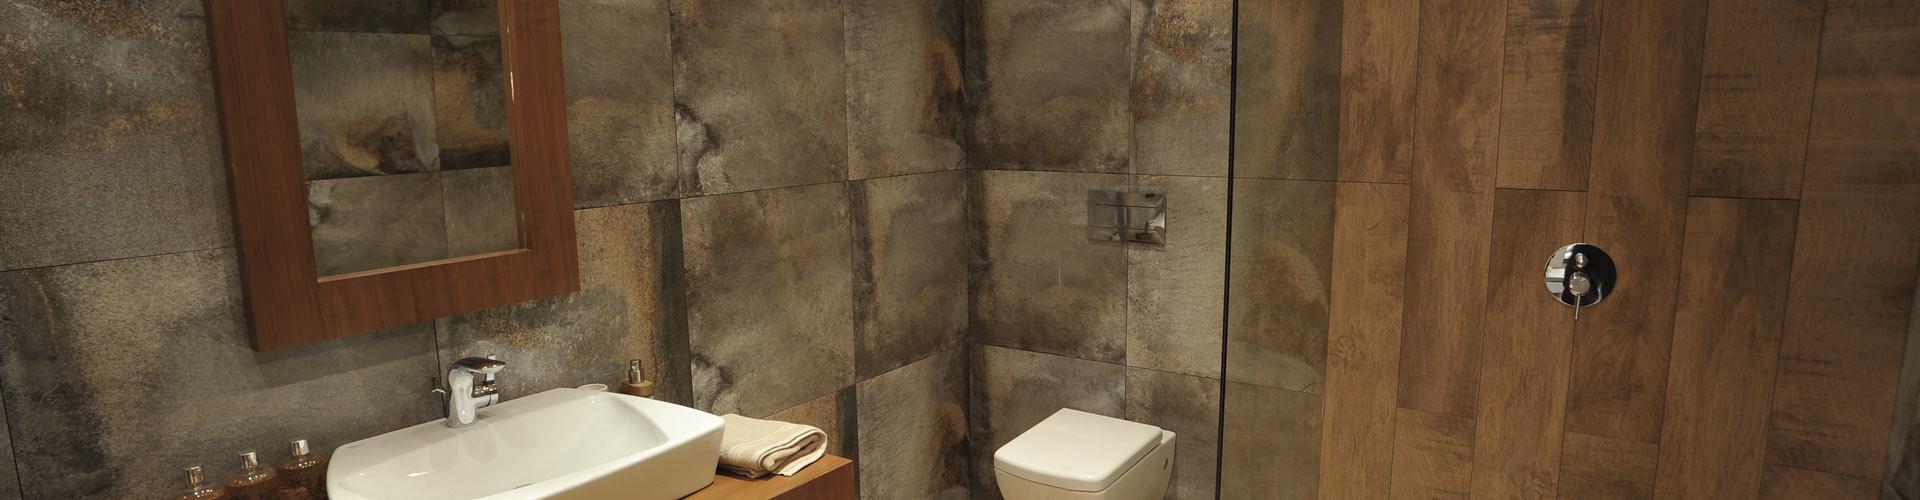 Универсальная плитка для стен и пола